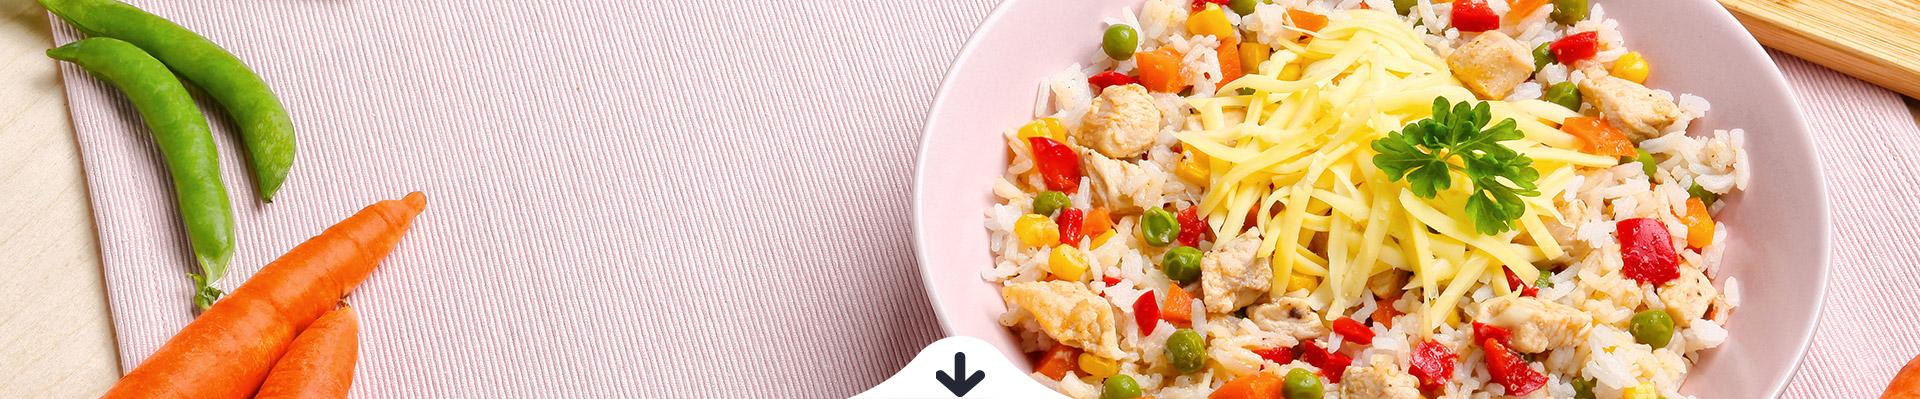 JÓLENNI Tavaszi zöldséges csirke rizzsel